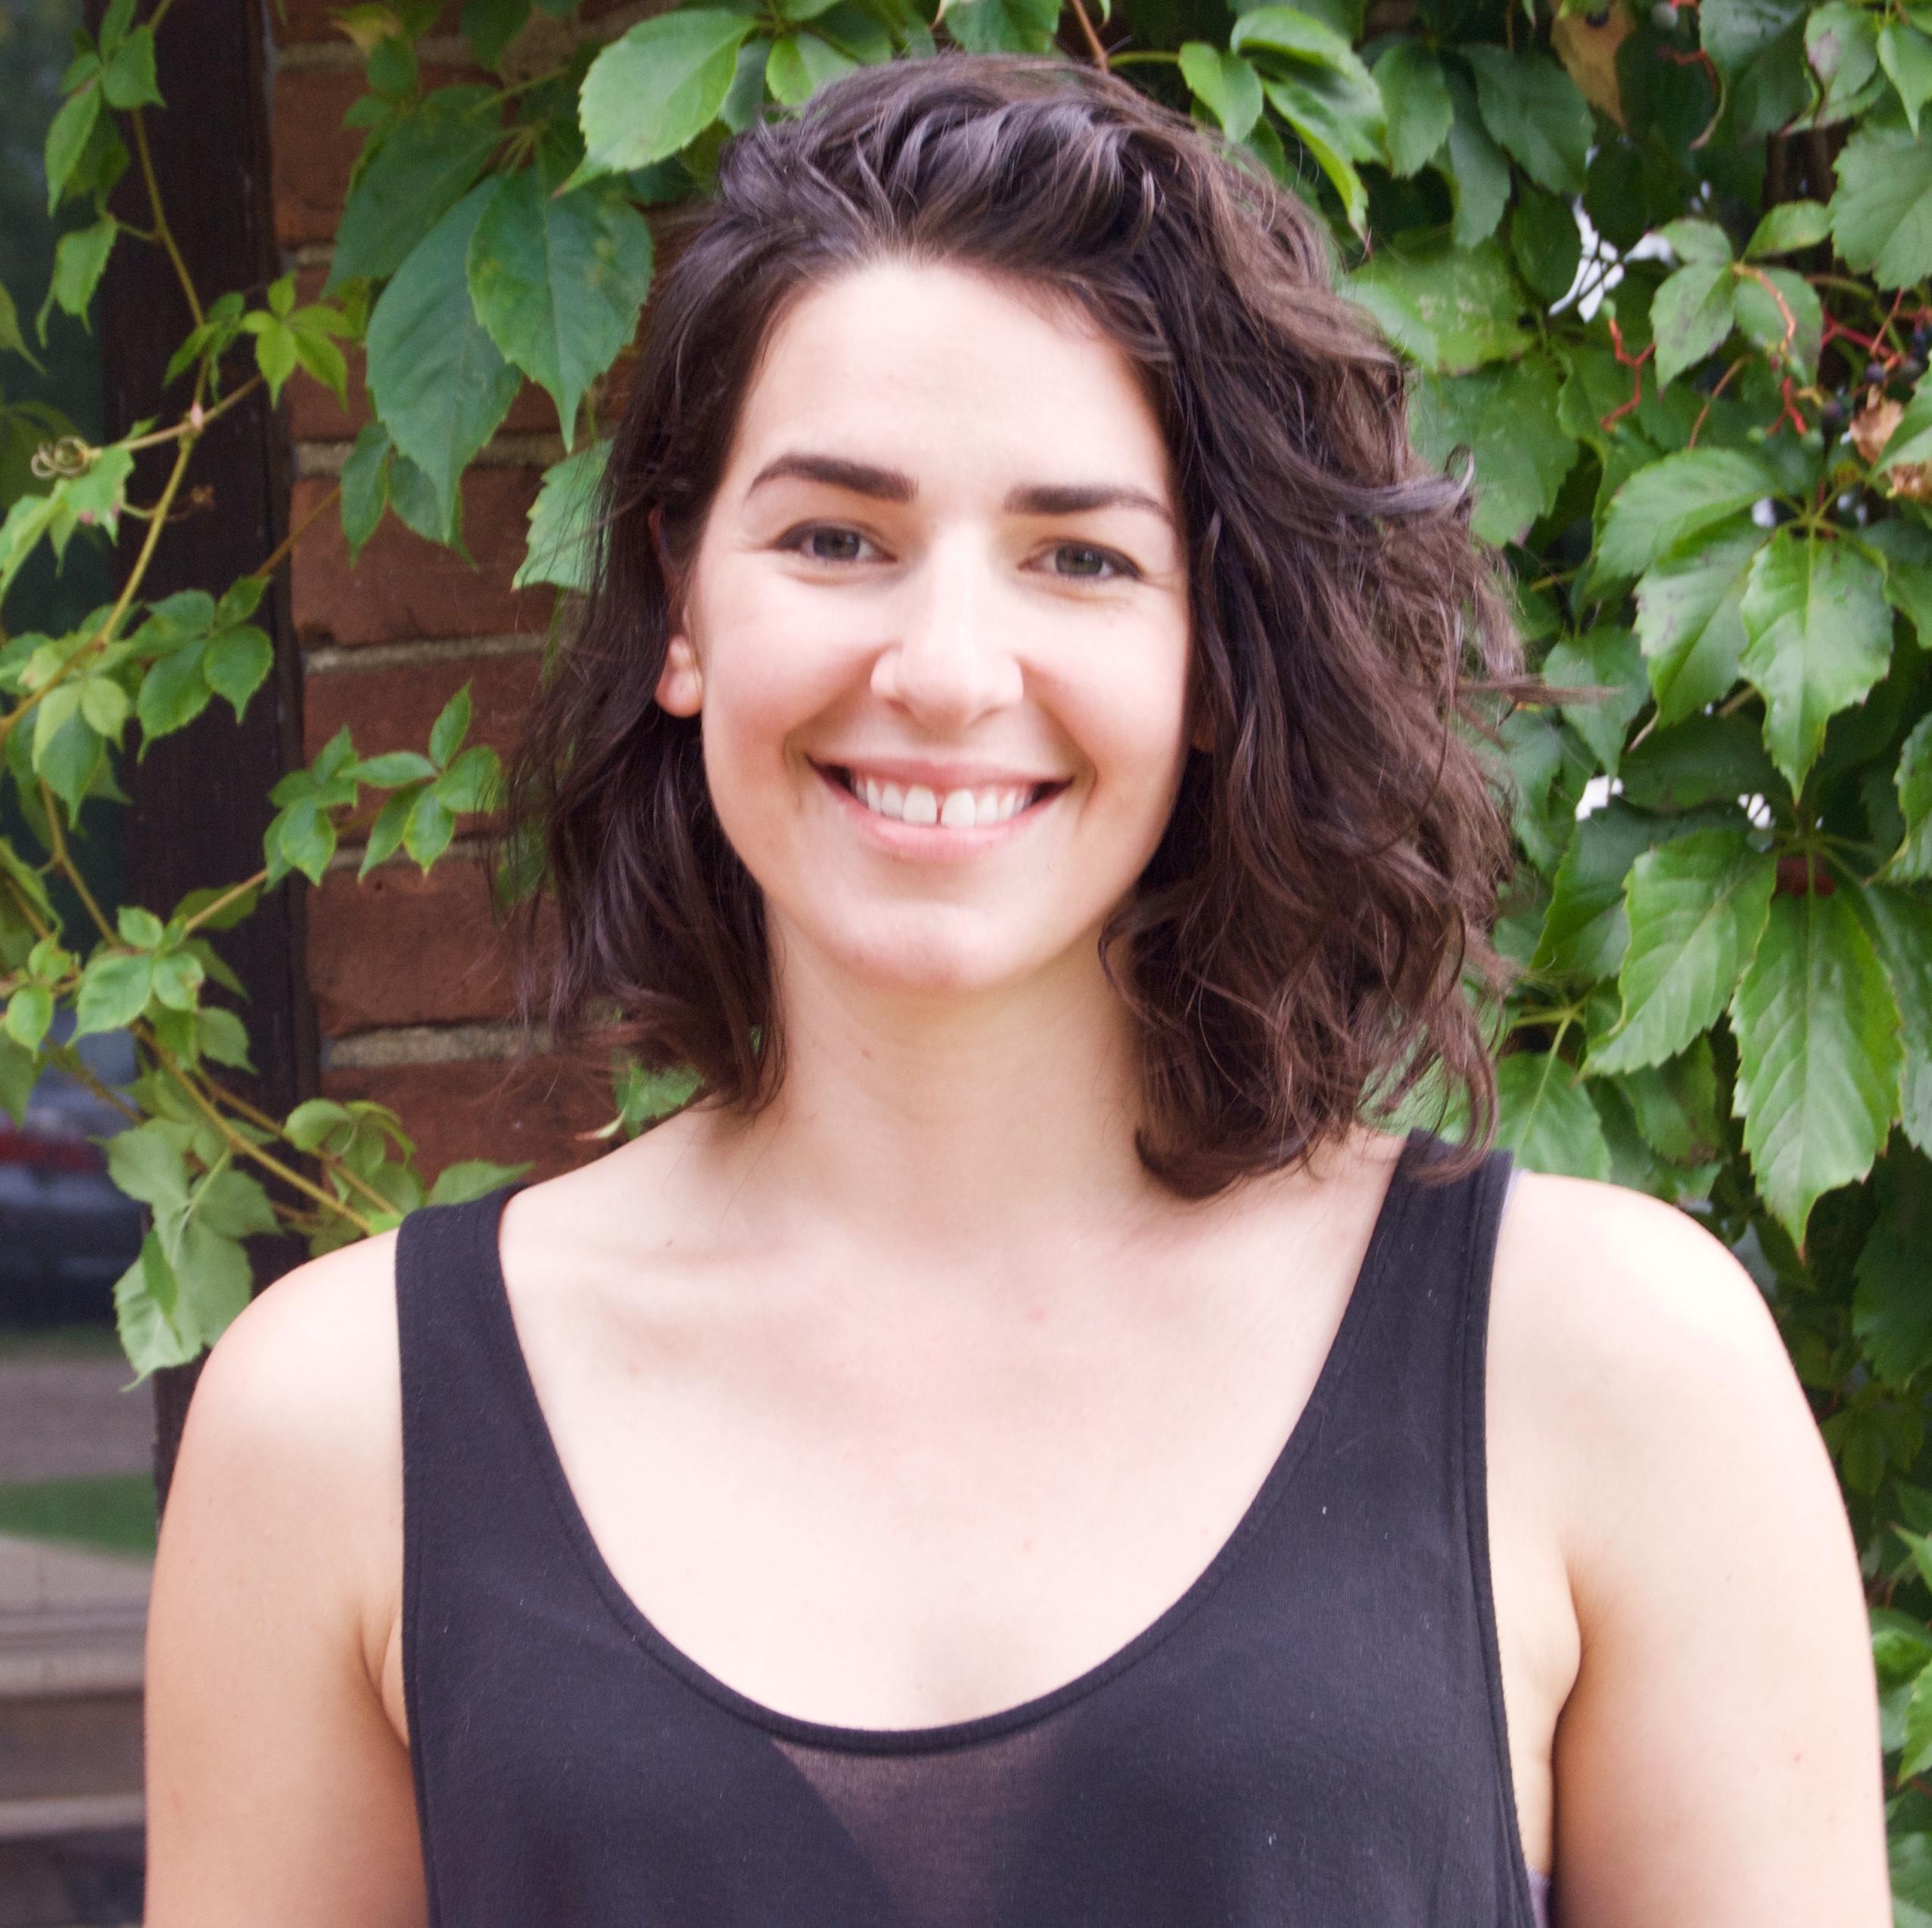 Tara Marina Pearson